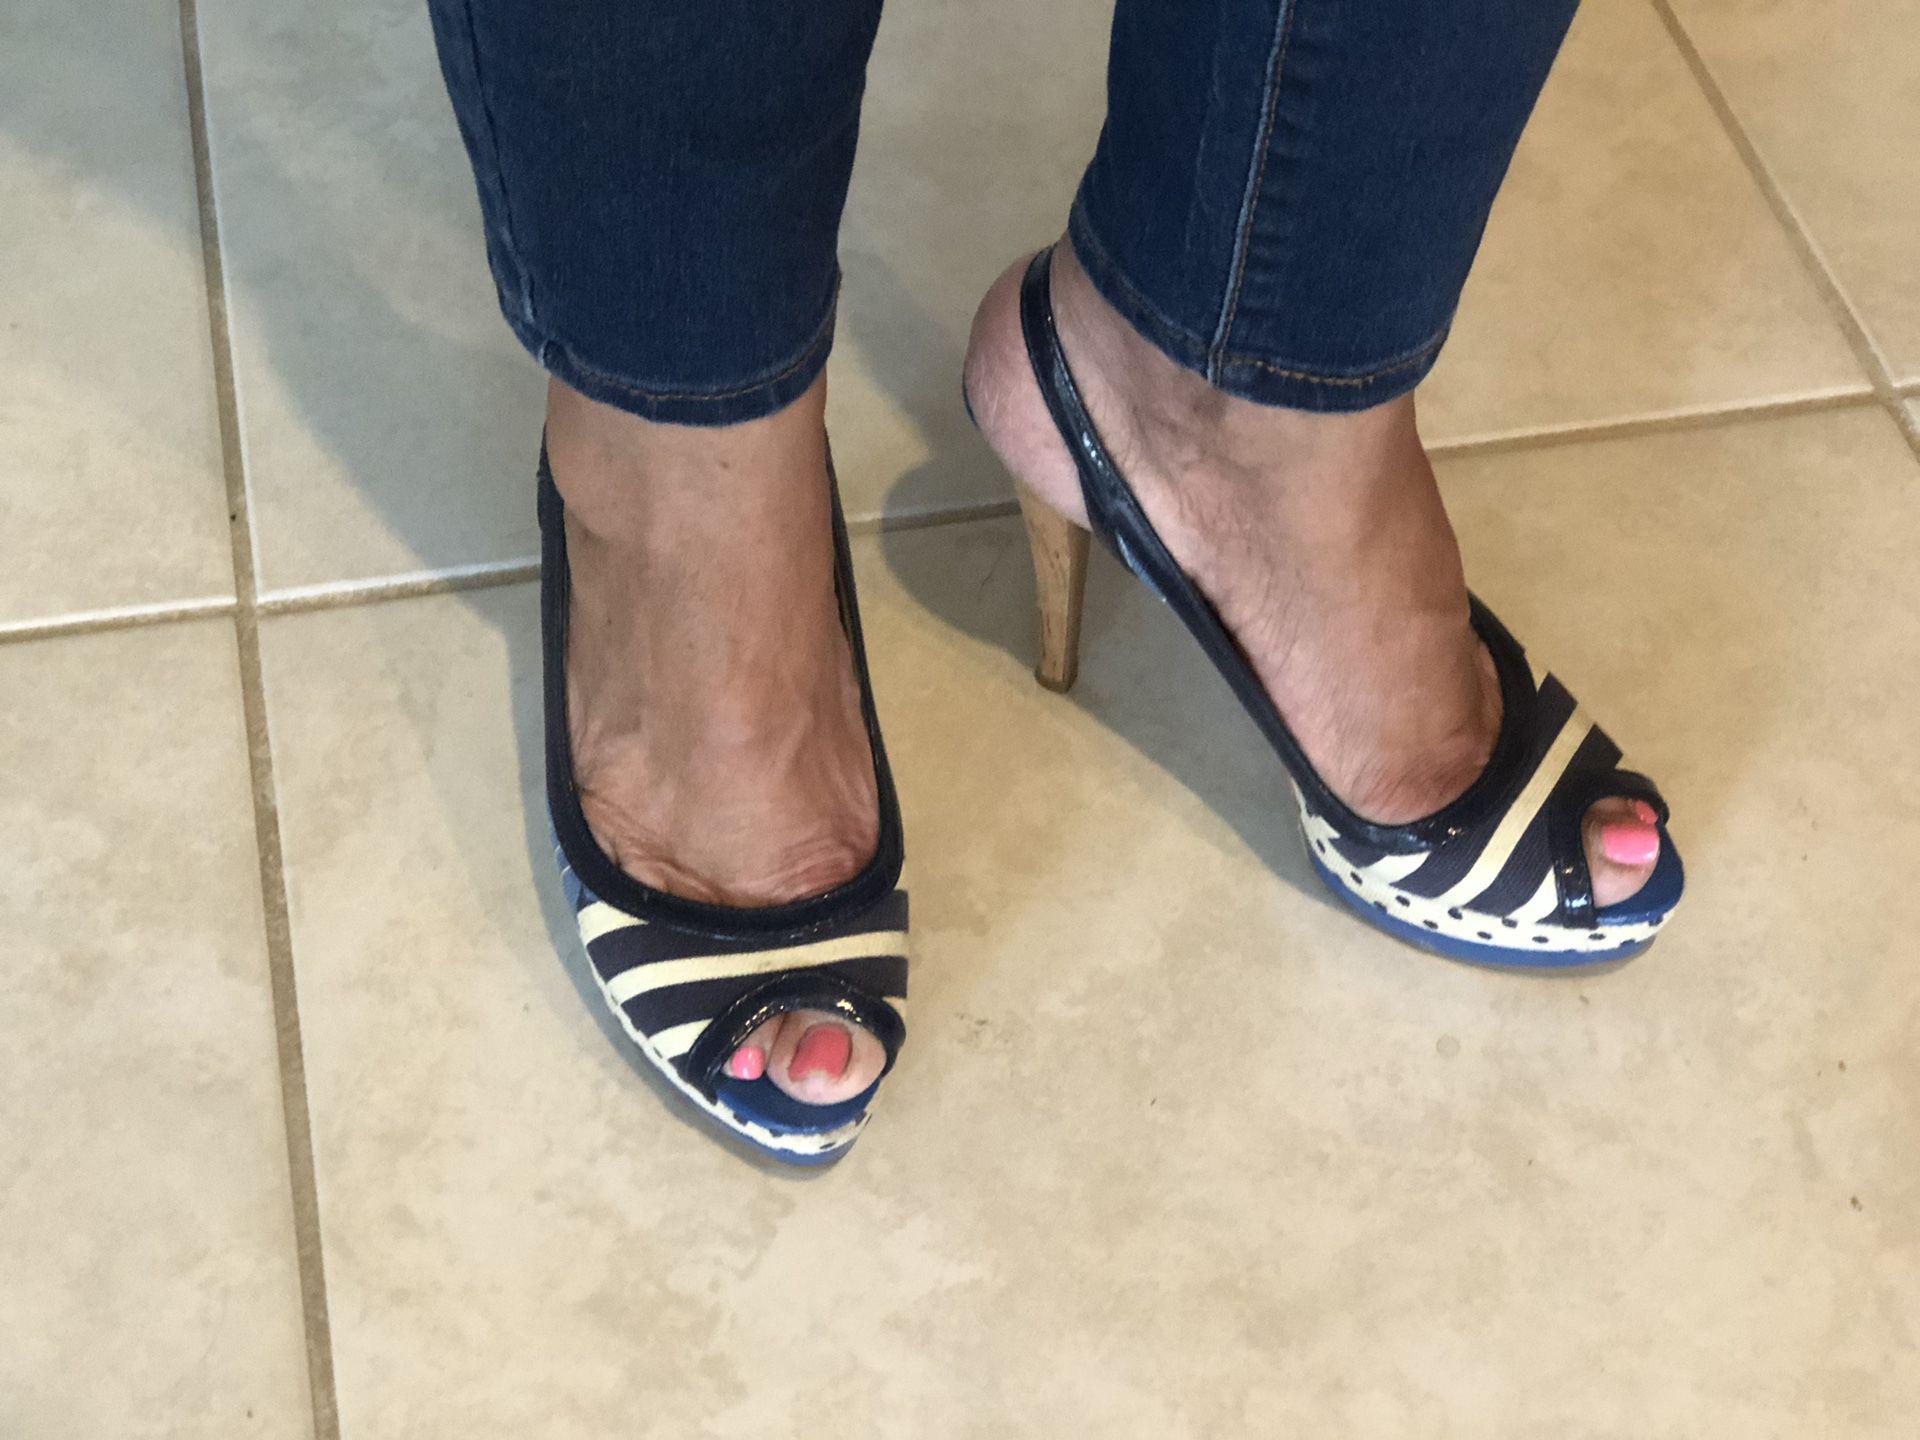 Size 6 1/2 attractive heels 2 1/2 inch heels